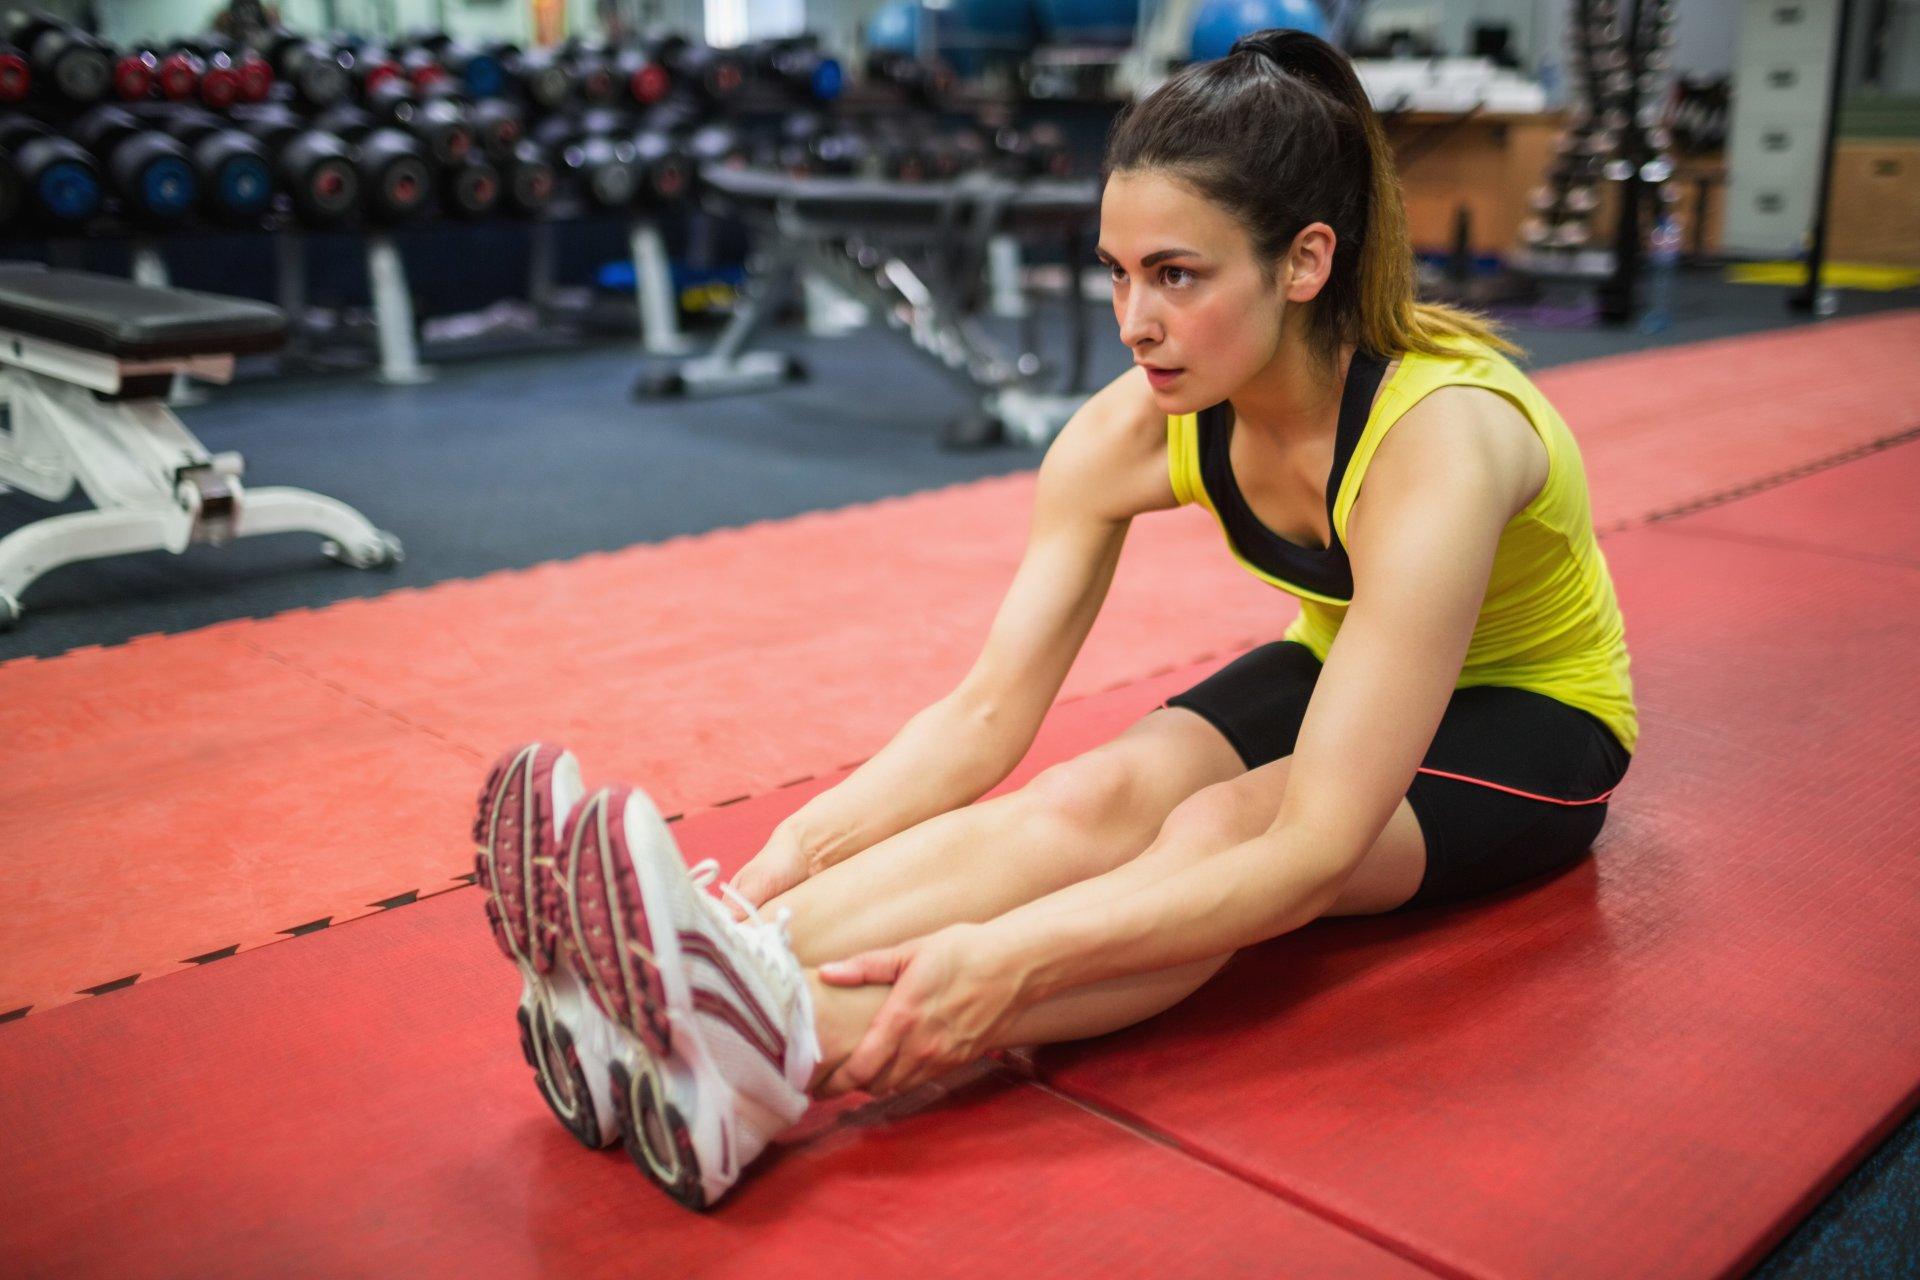 kaip treniruotis dėl hipertenzijos sporto salėje